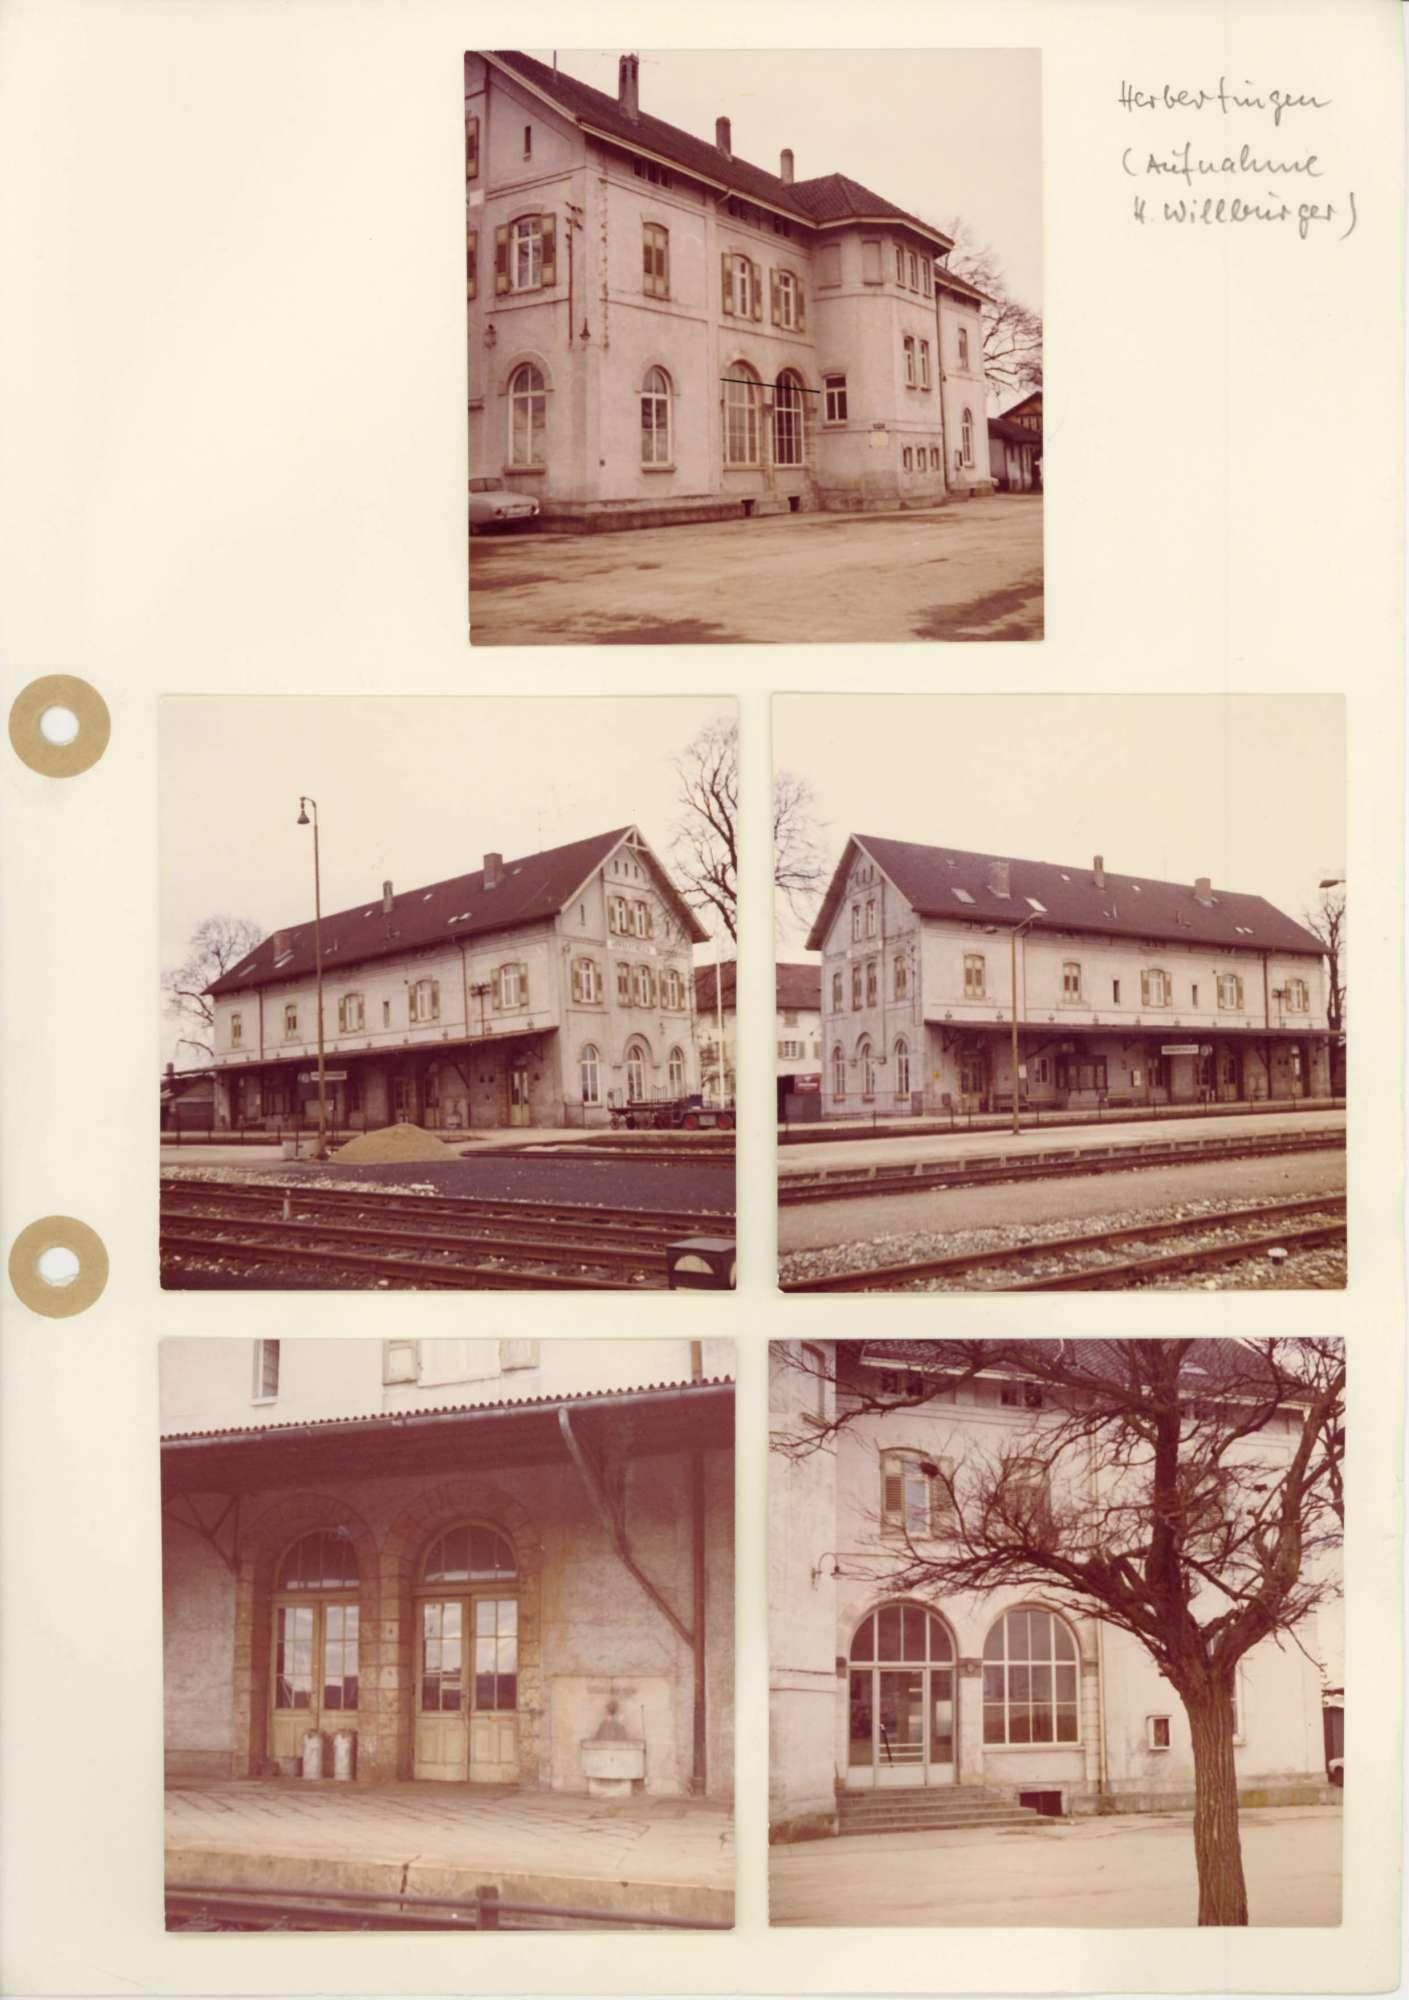 Herbertingen: 6 Fotos, Bild 2